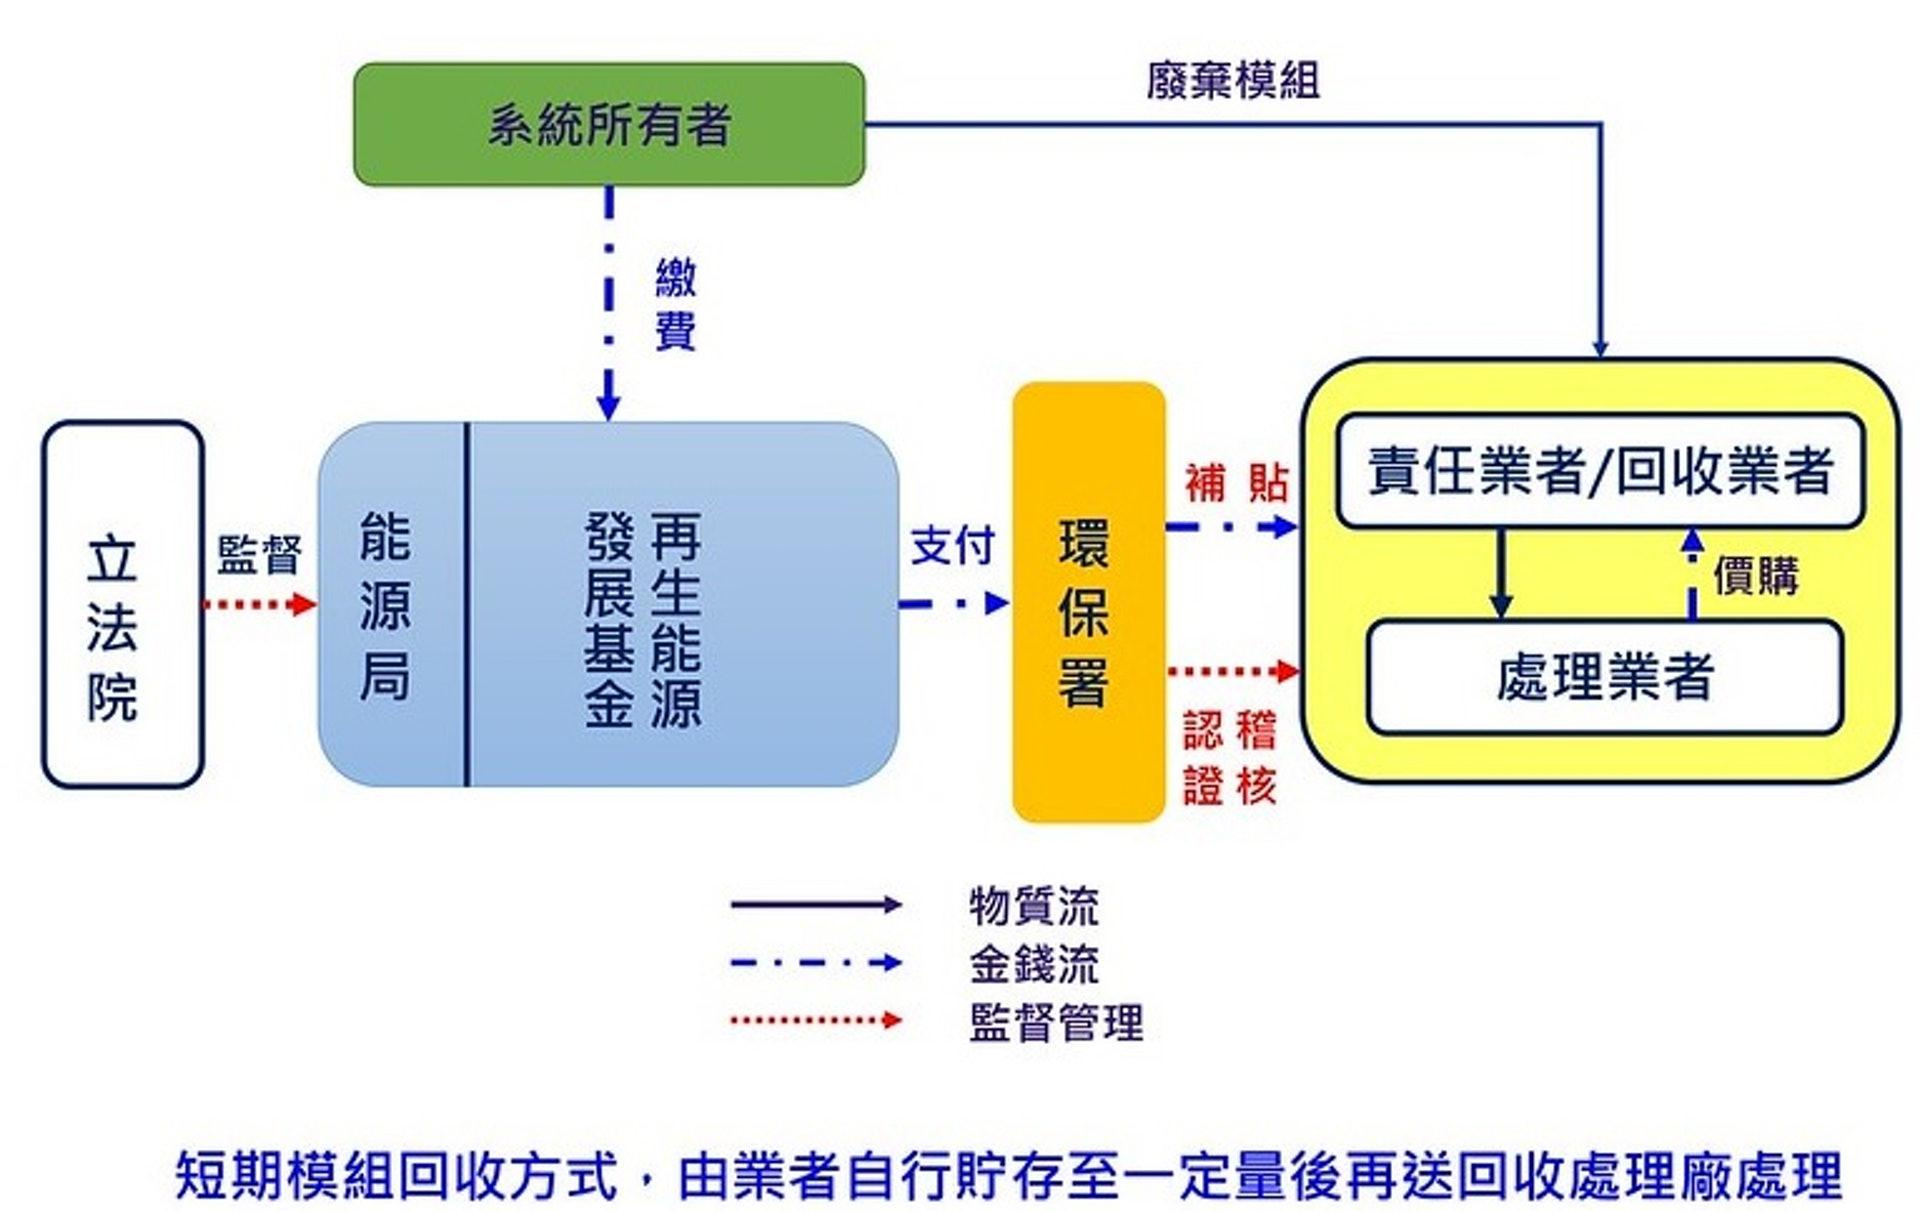 太陽能板回收制度規劃流程圖。(來源:台灣能源局)